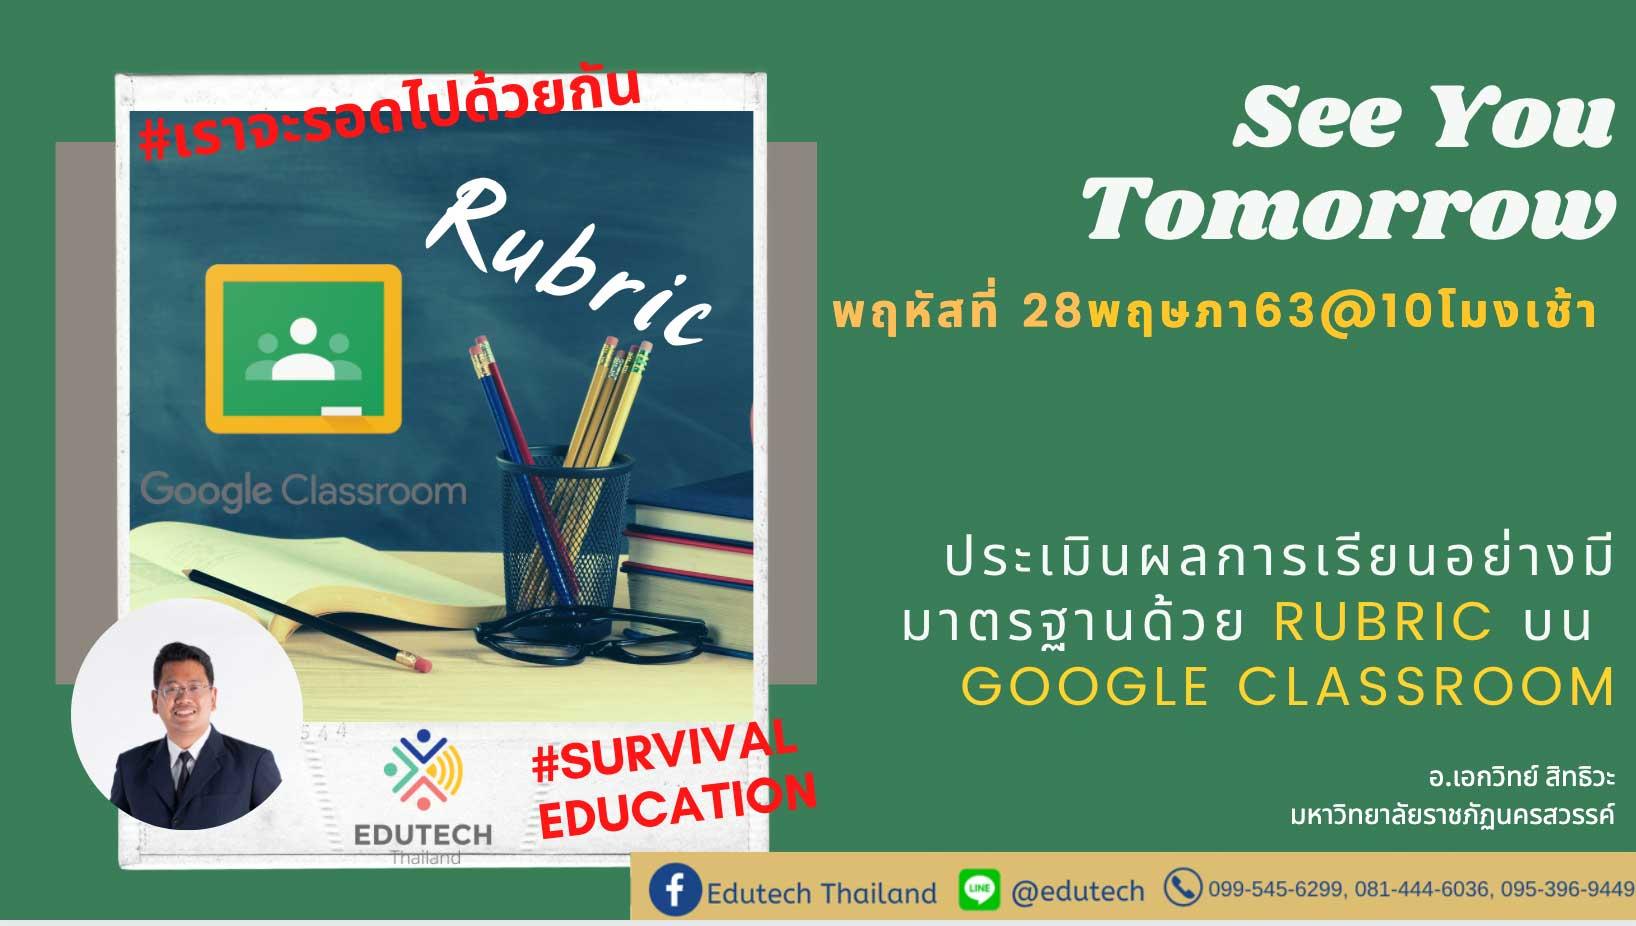 อบรมออนไลน์ การประเมินผลการเรียนอย่างมีมาตรฐานด้วย Rubric บน Google Classroom โดย อ.เอกวิทย์ สิทธิวะ มรภ.นครสวรรค์ วันที่ 28 พฤษภาคม 2563 เรียนฟรี!!! มีประกาศนียบัตร